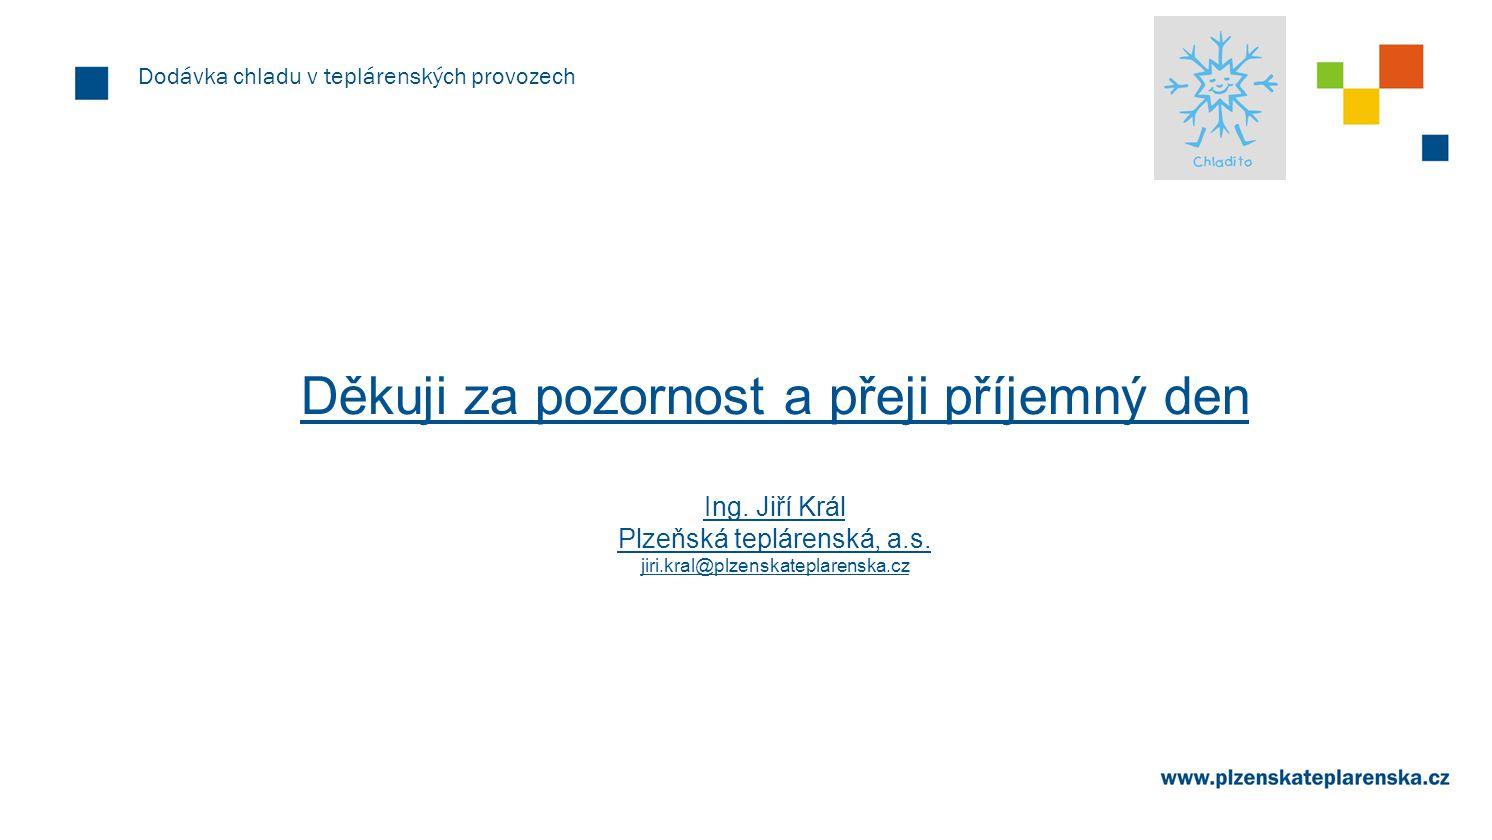 Dodávka chladu v teplárenských provozech Děkuji za pozornost a přeji příjemný den Ing. Jiří Král Plzeňská teplárenská, a.s. jiri.kral@plzenskateplaren